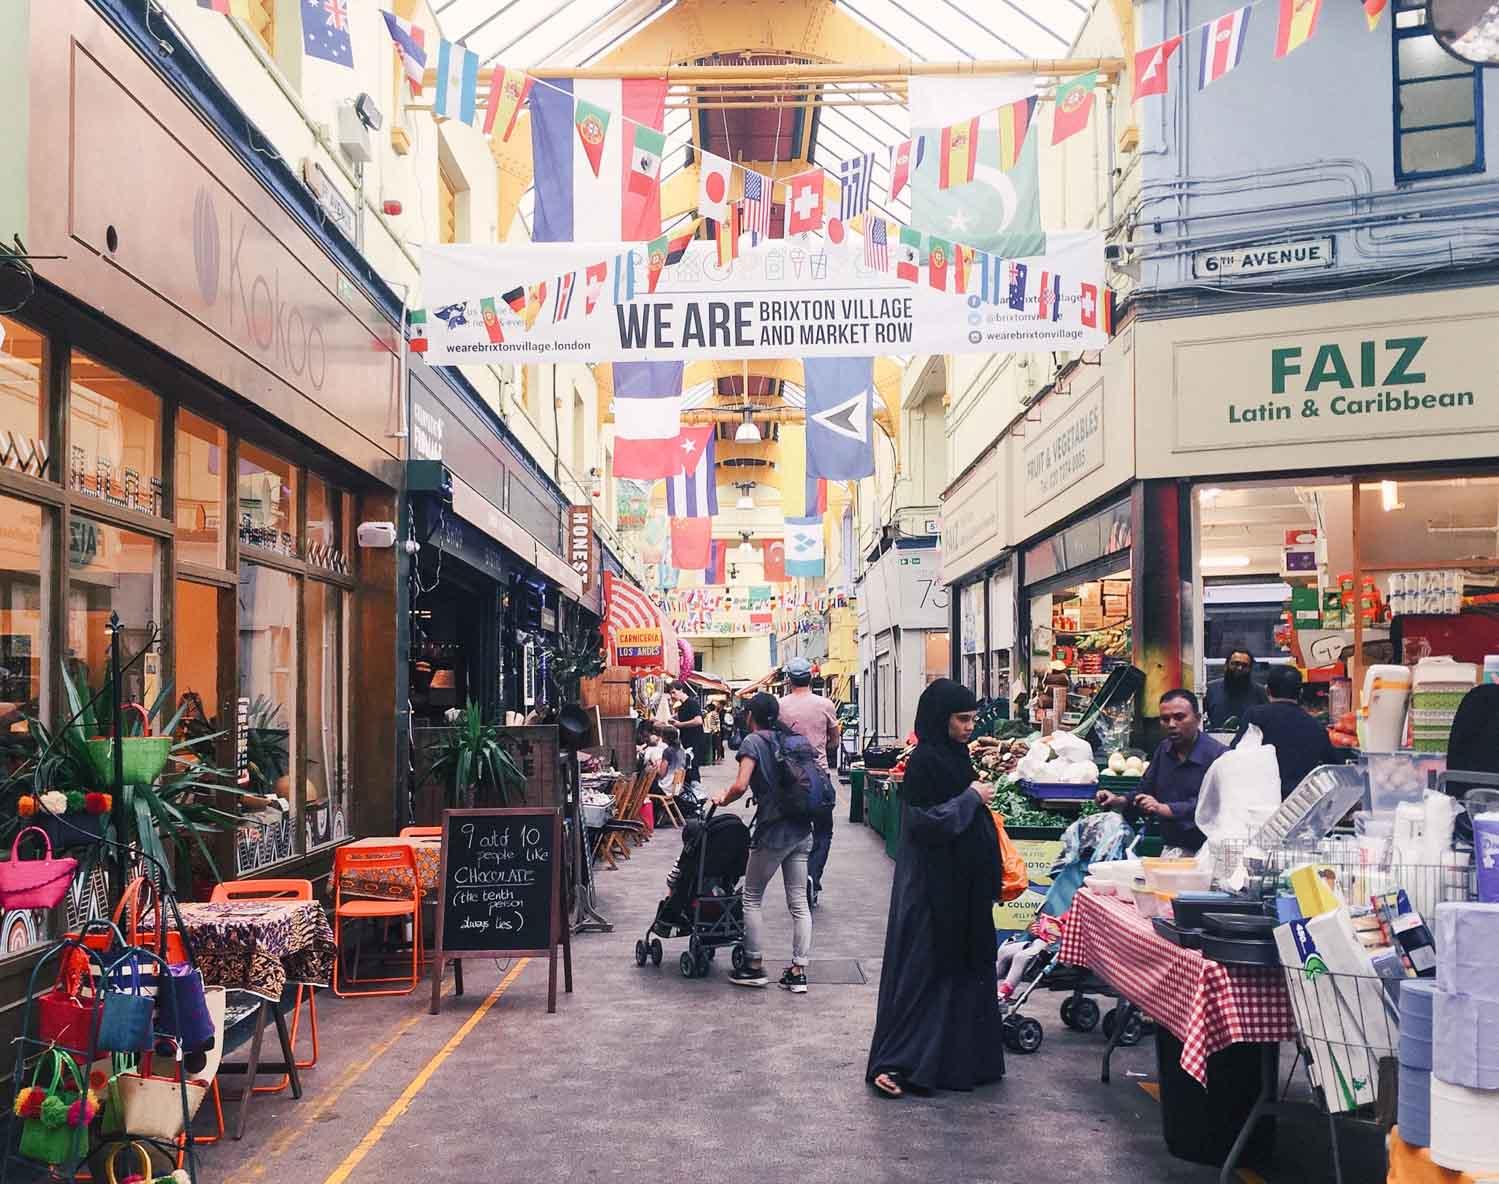 Around the world in 7 London meals – Brixton Village